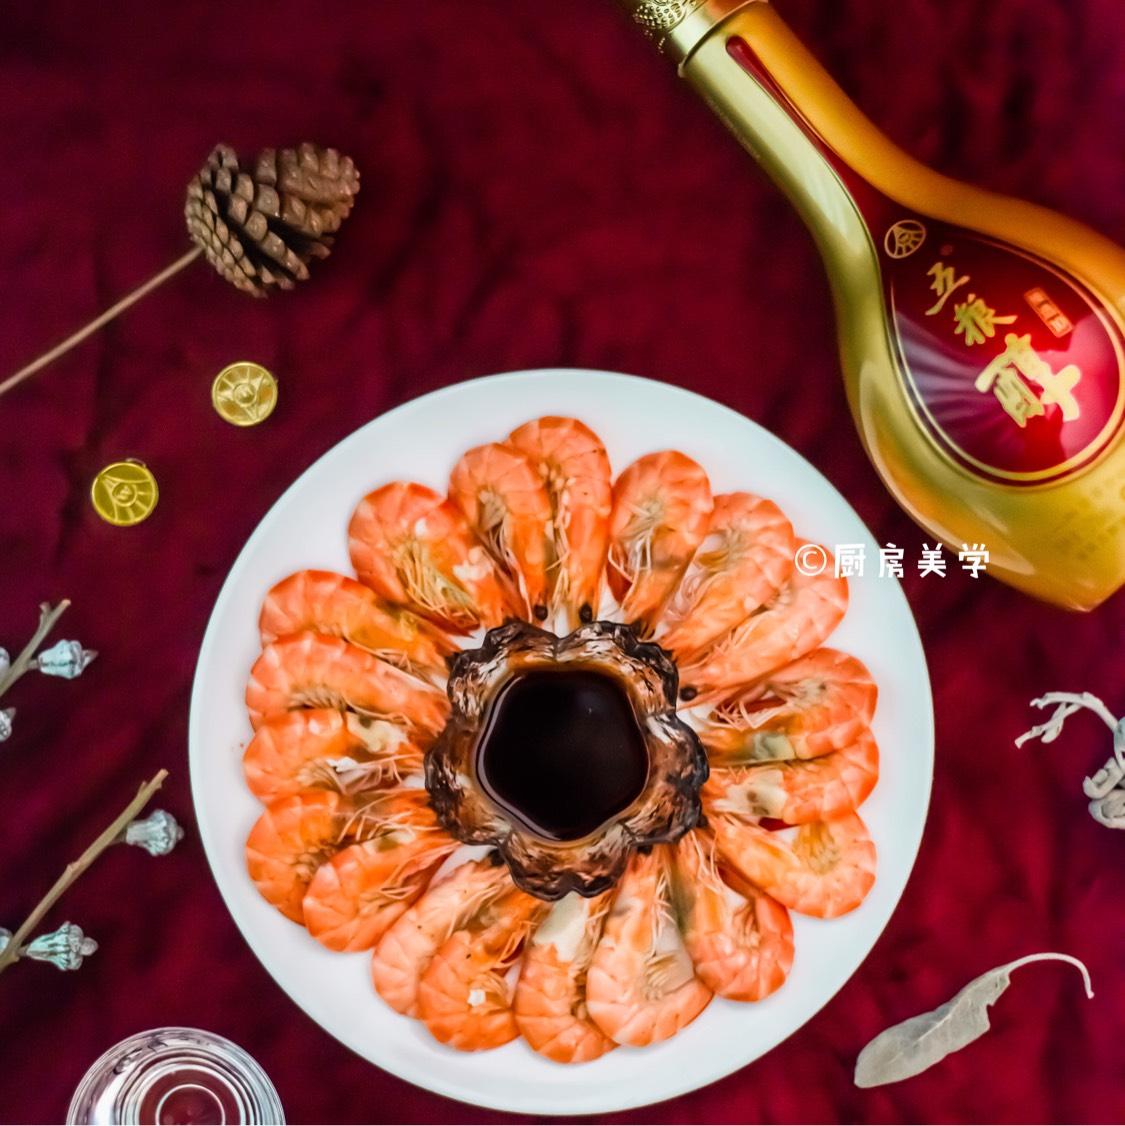 年夜菜系列-长辈必夸的美味醉虾,手残党进